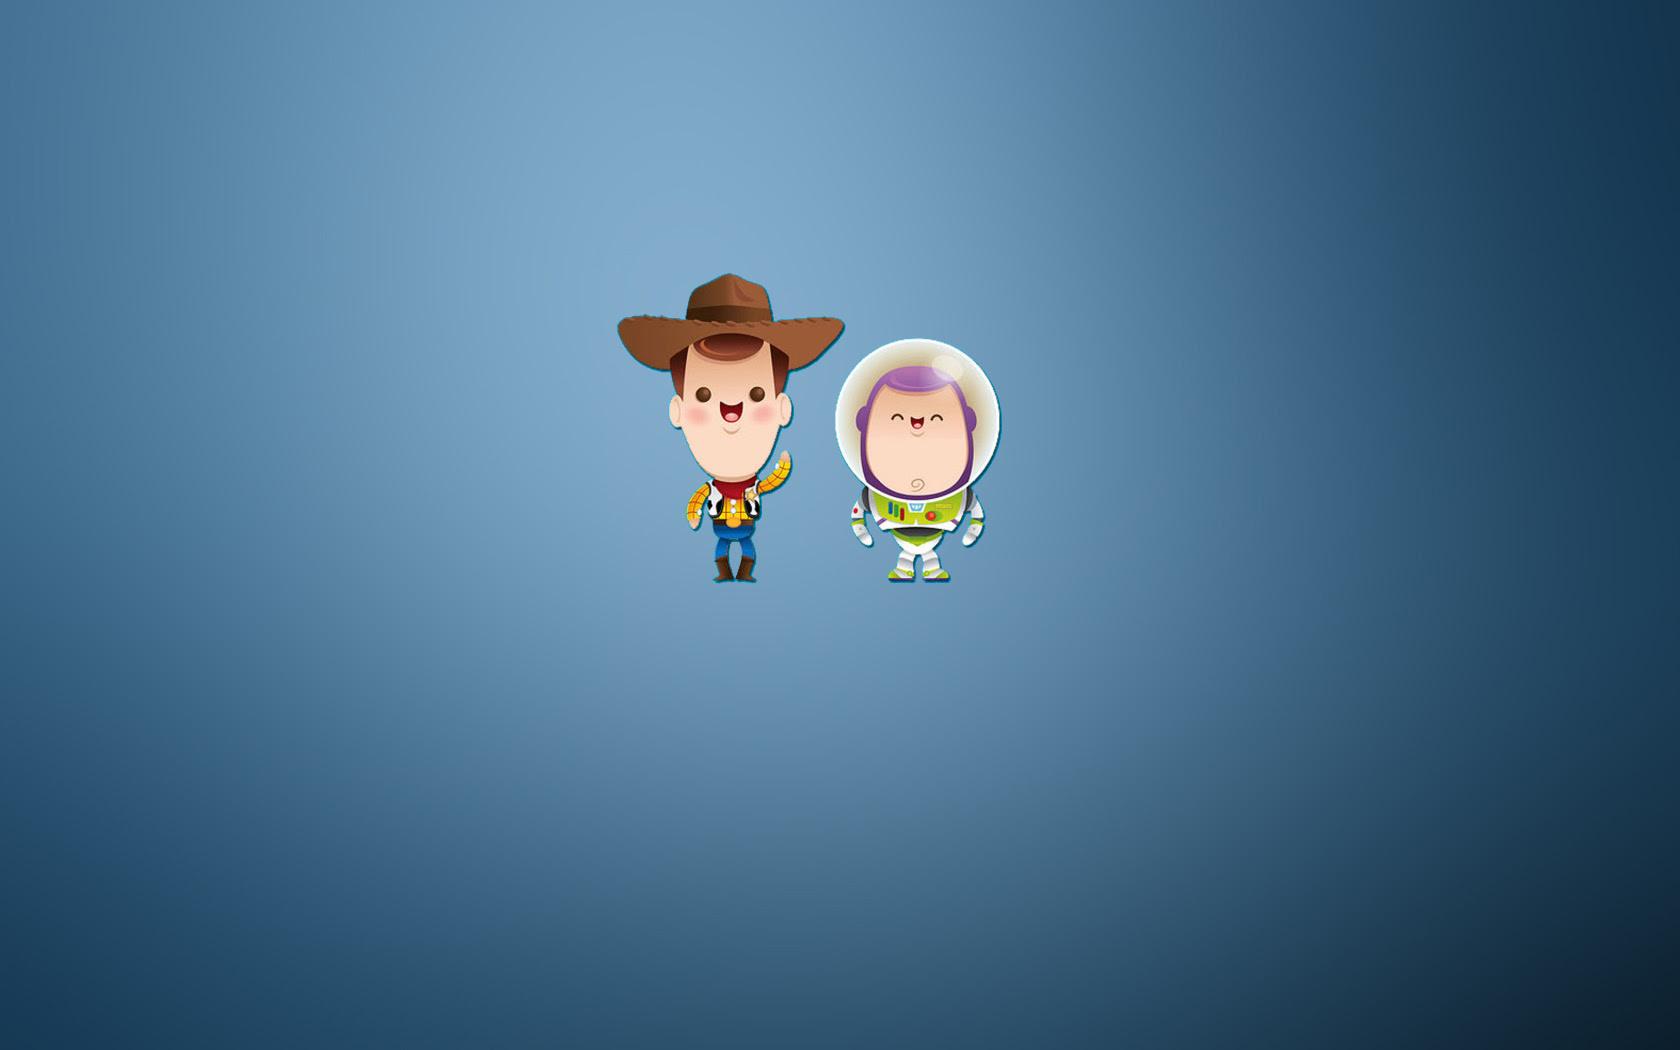 画像 トイストーリー Toy Story Pcデスクトップ壁紙 ディズニー